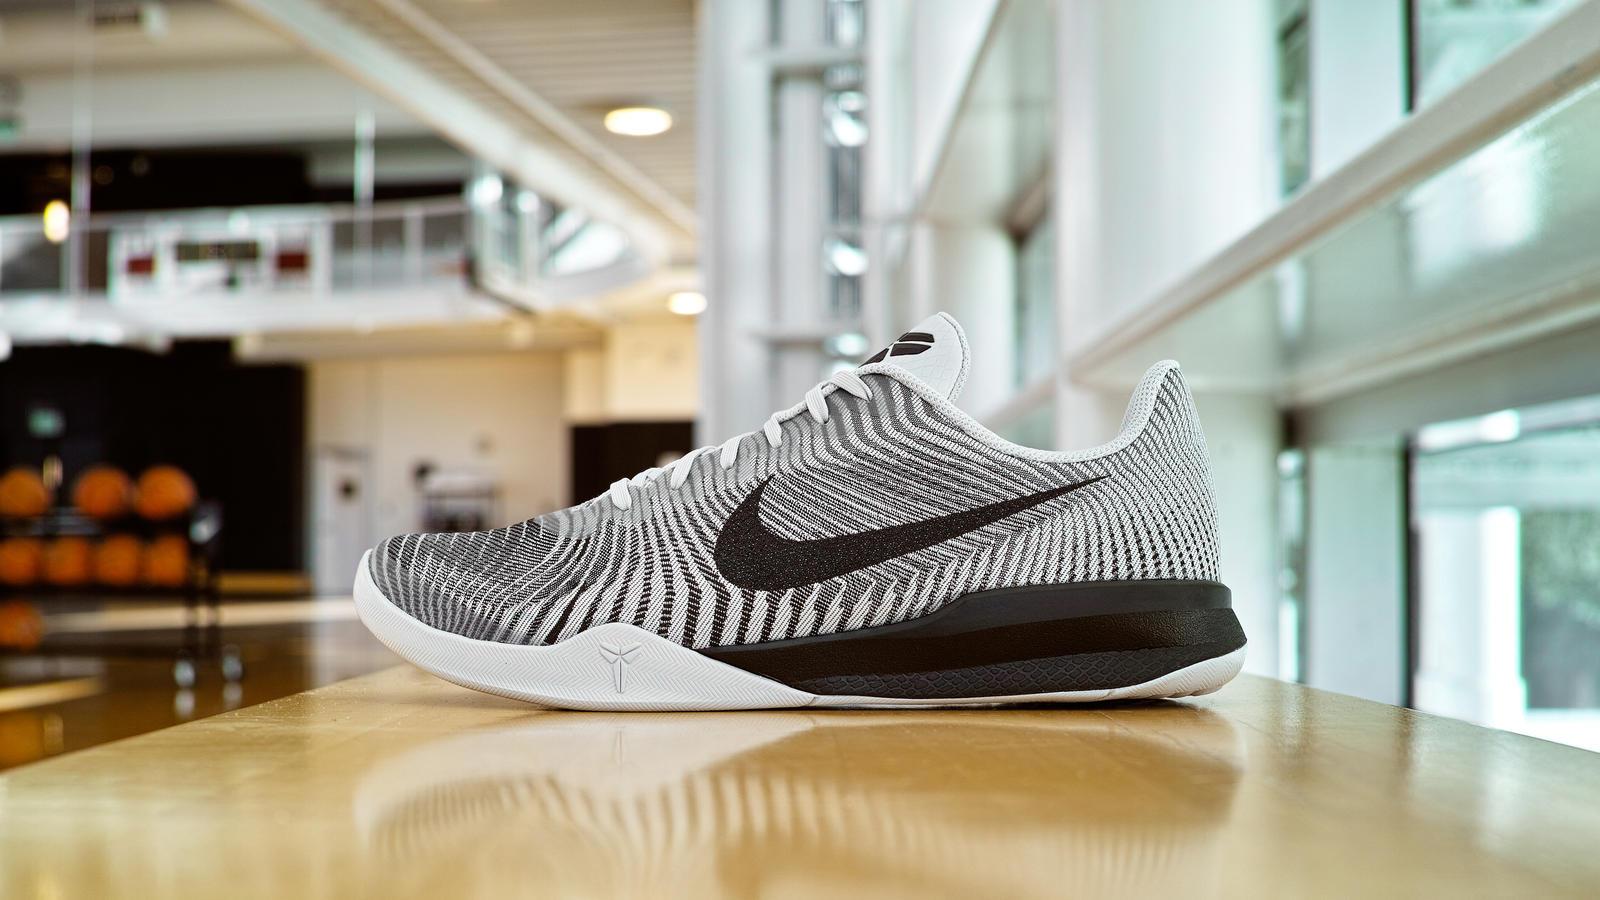 73e77304b93a Kobe Mentality 2 - Nike News